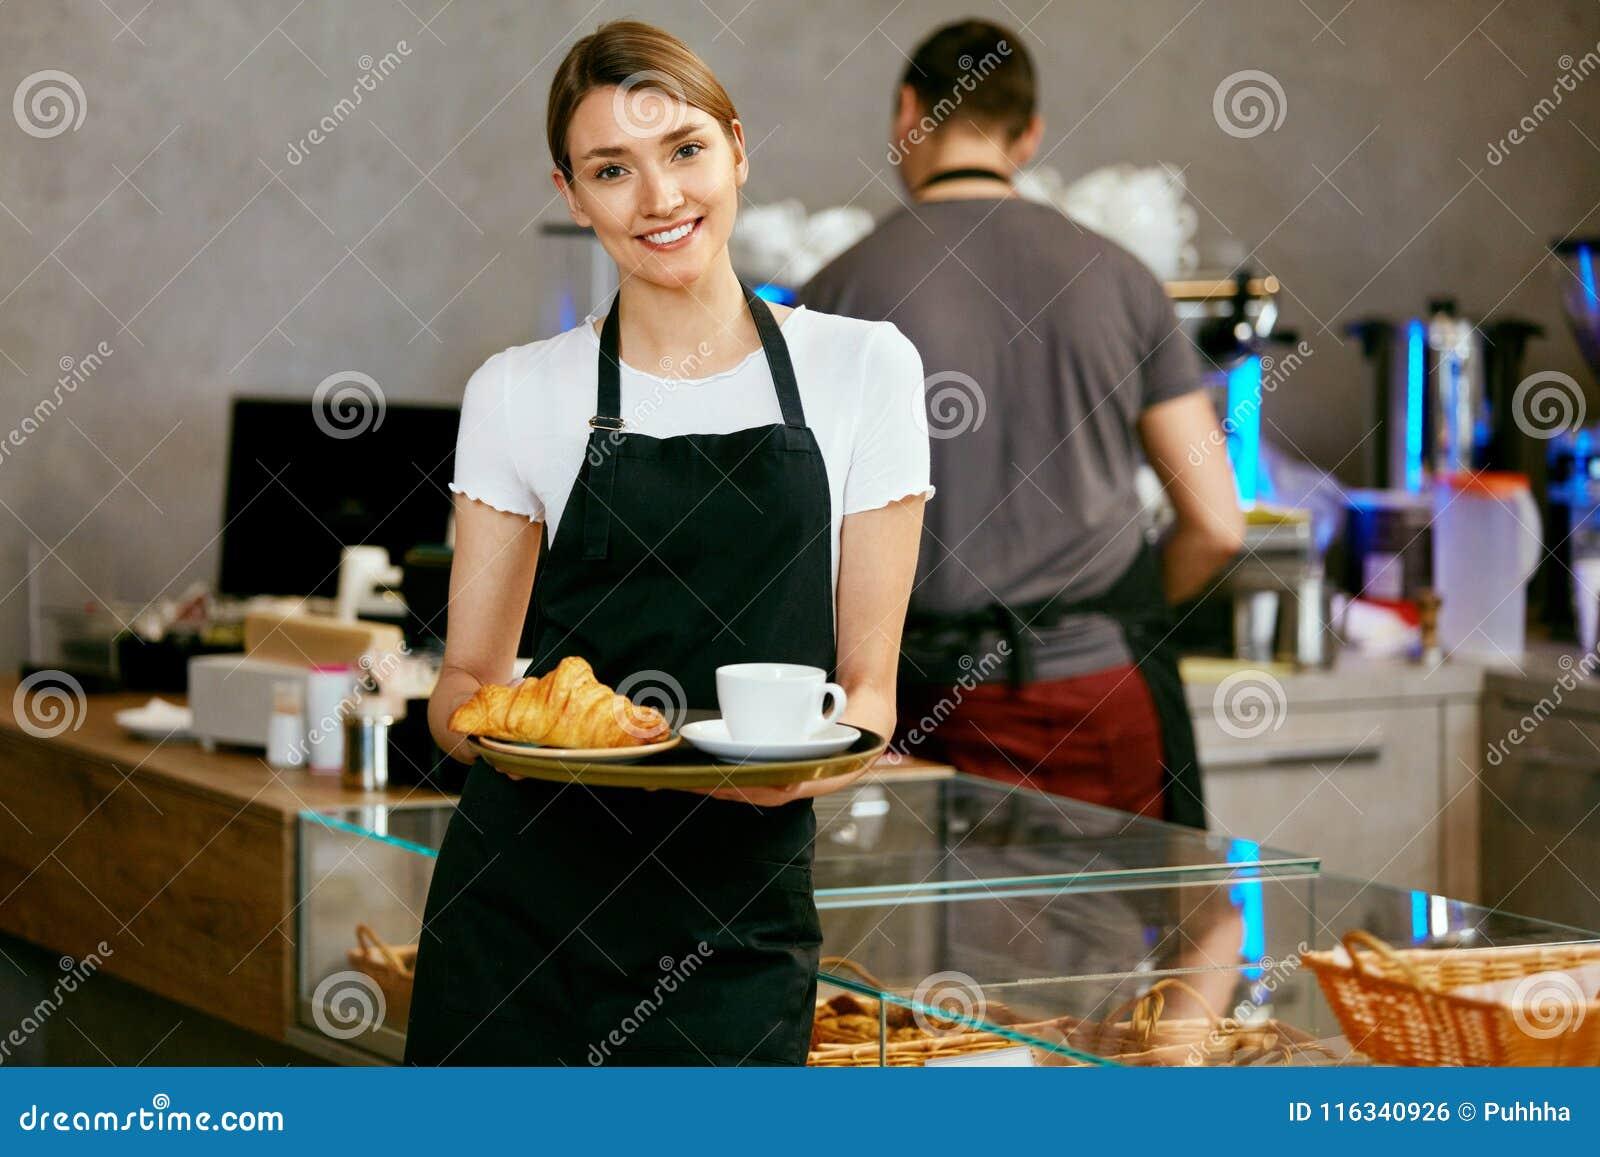 Магазин печенья Портрет молодой женщины в магазине хлебопекарни